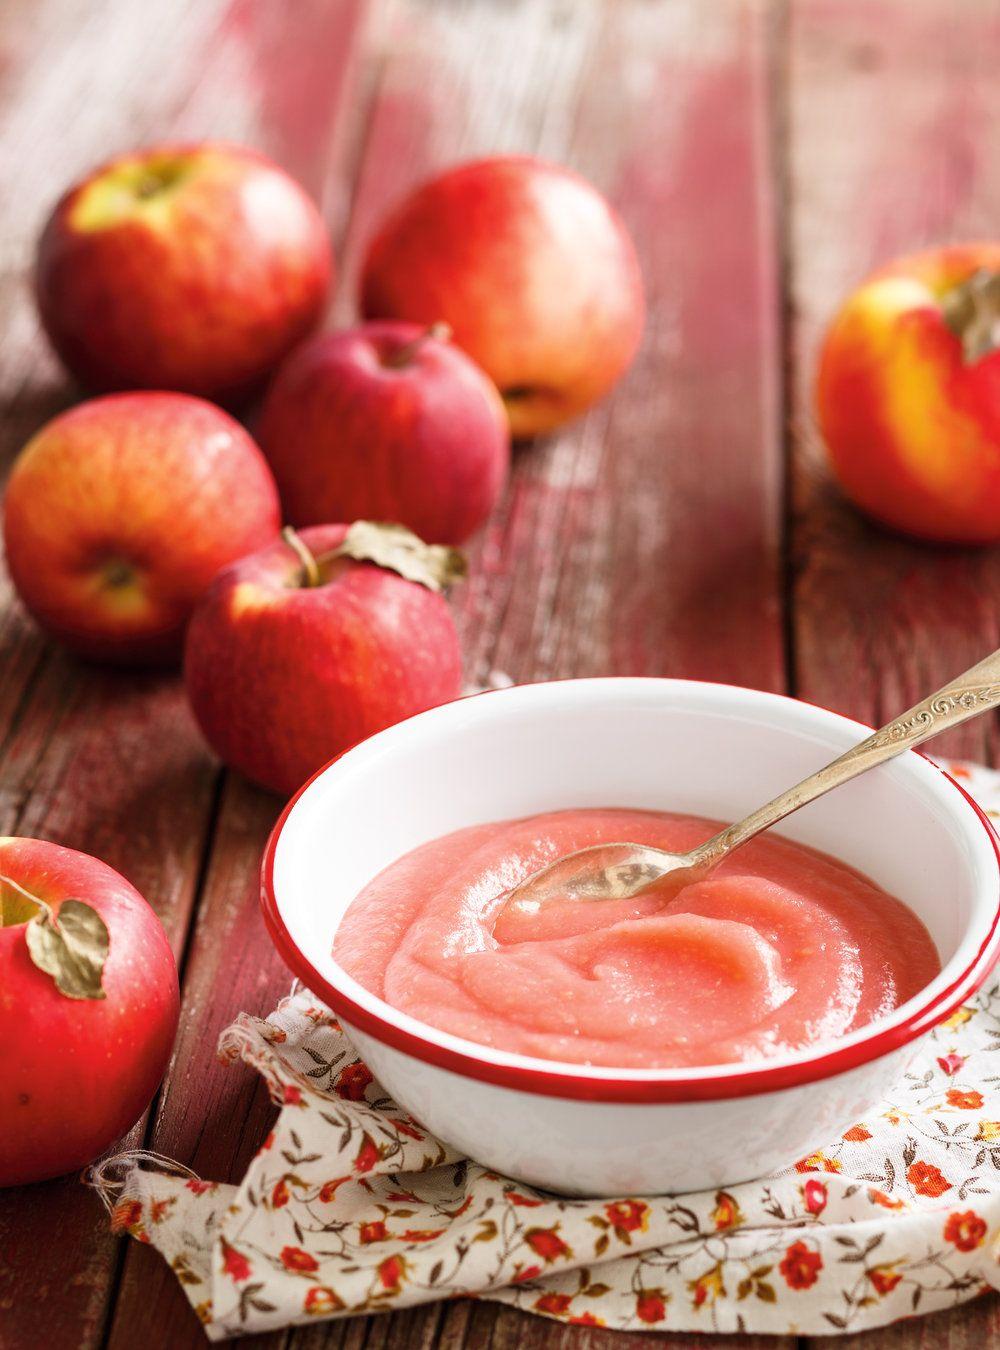 Диета Сладкие Яблоки. Польза яблок при похудении